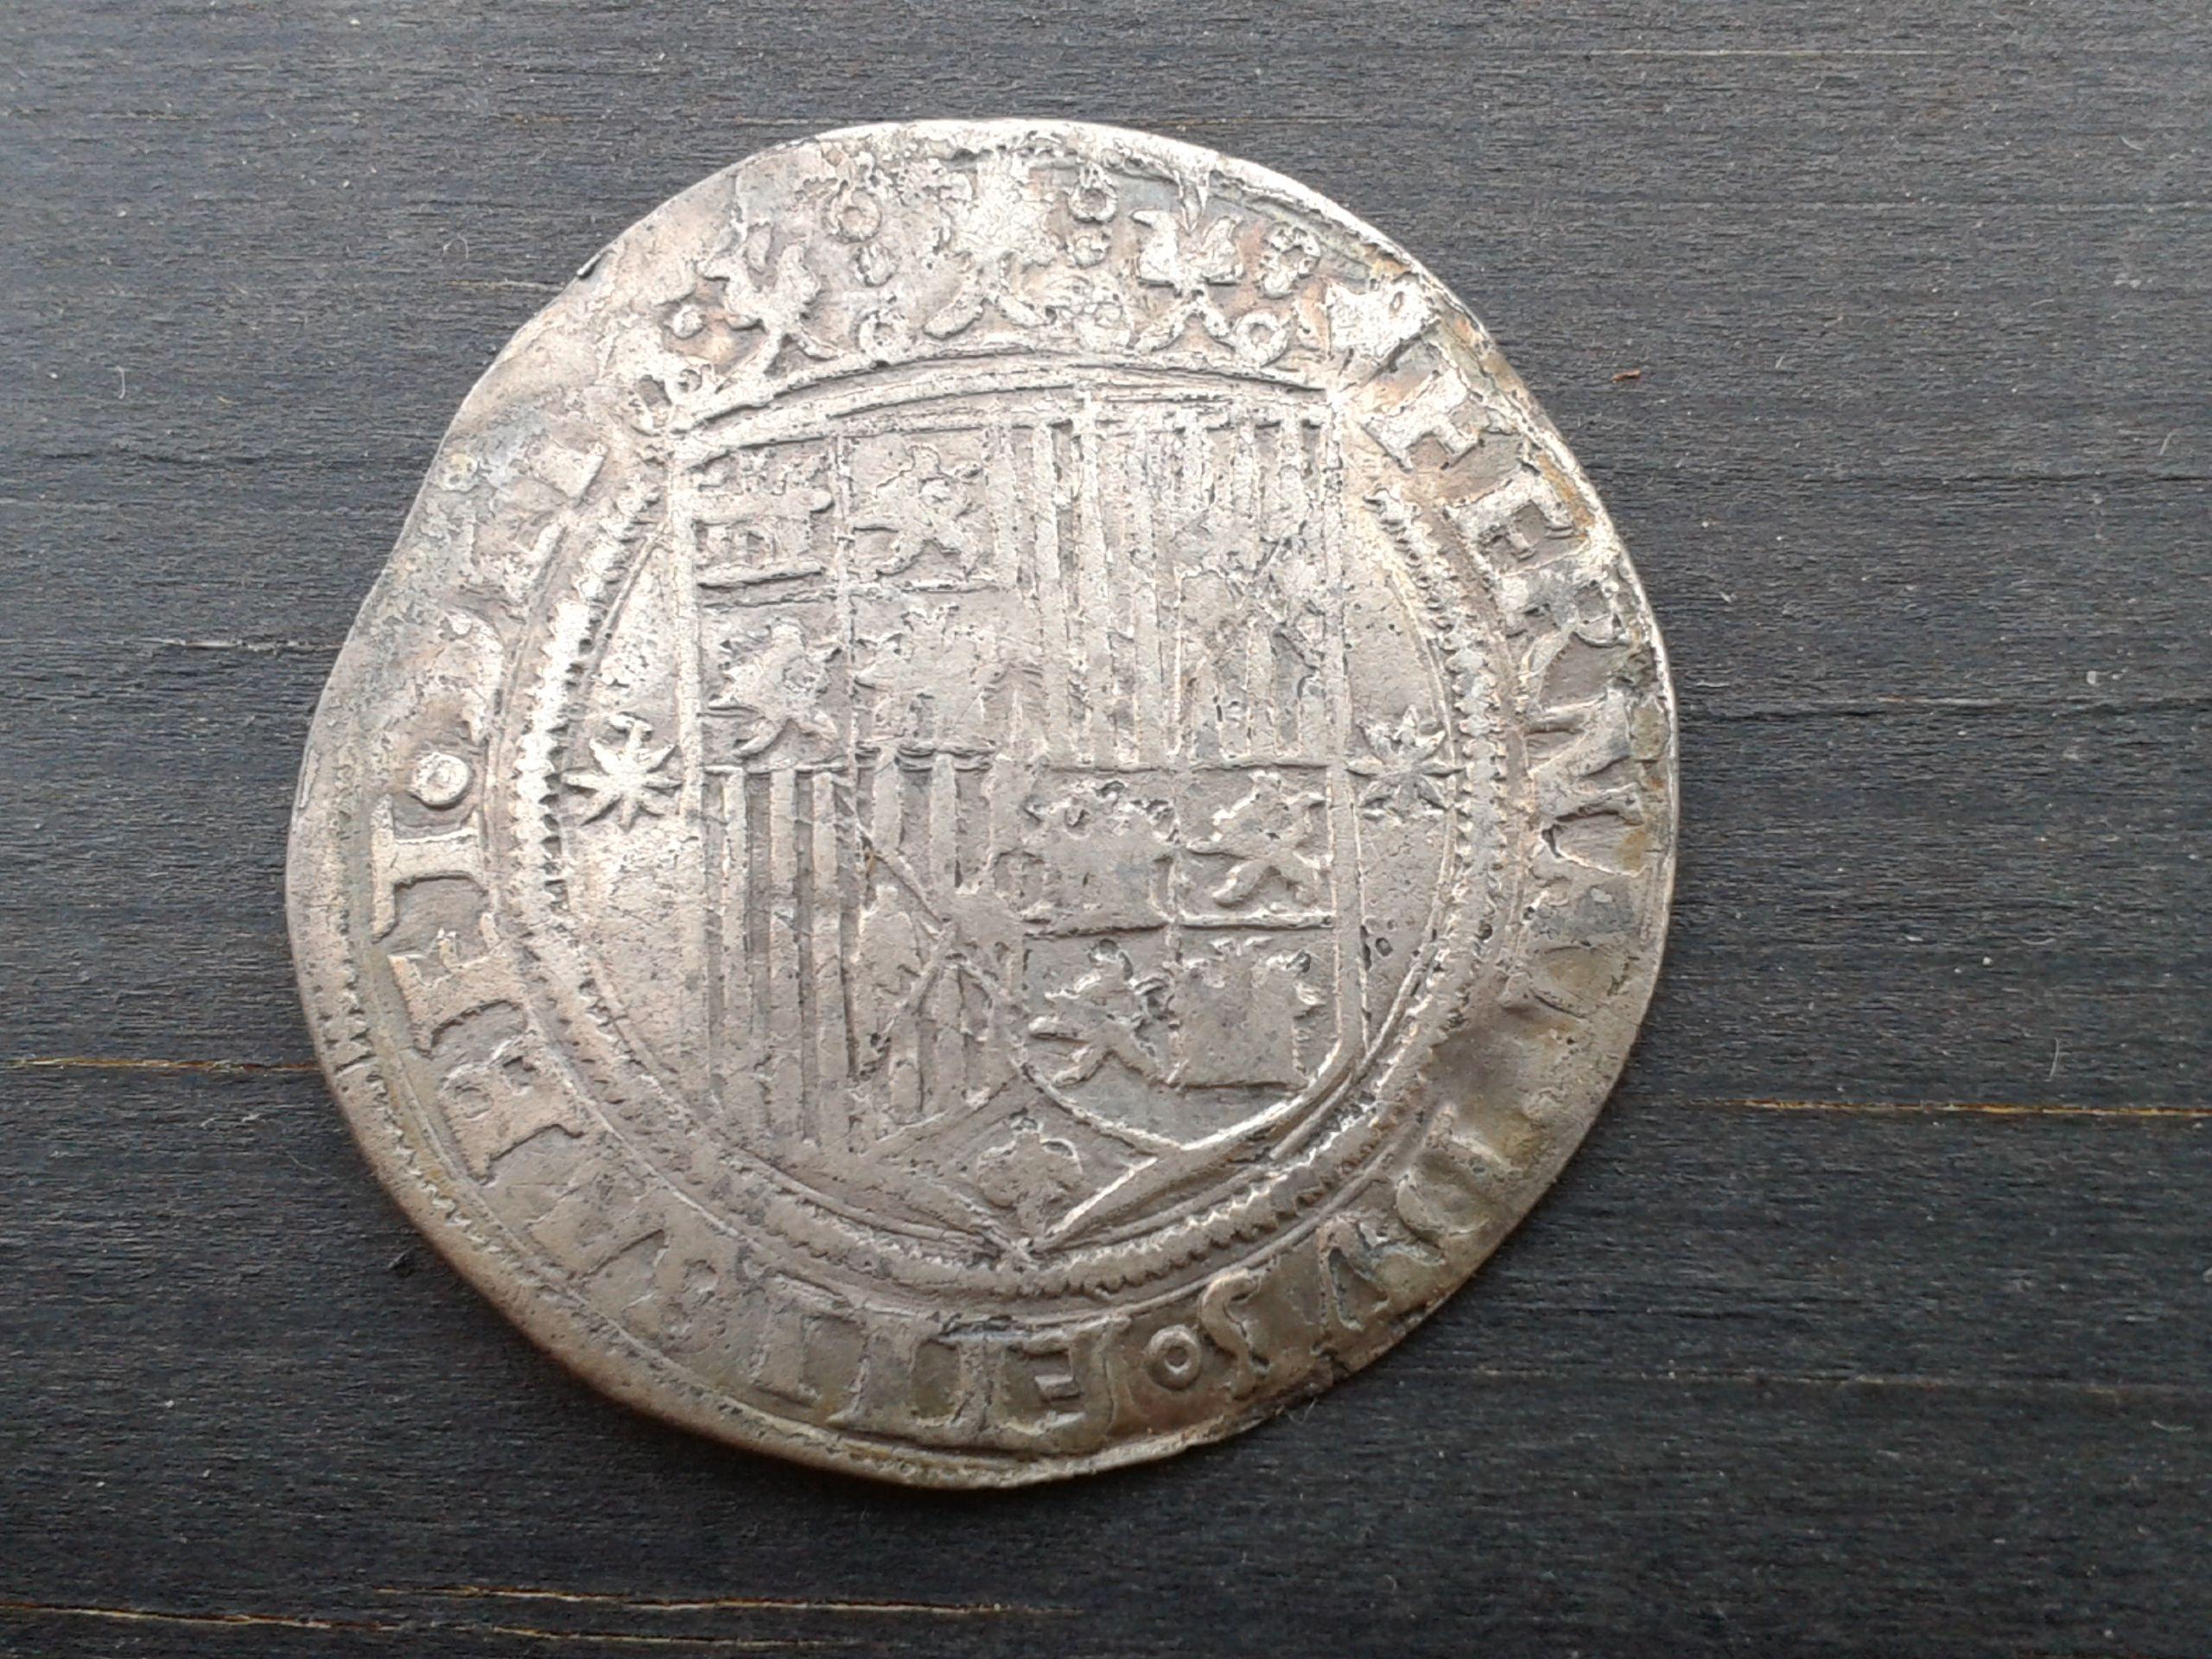 1500 dc spanish silver coin — Steemit